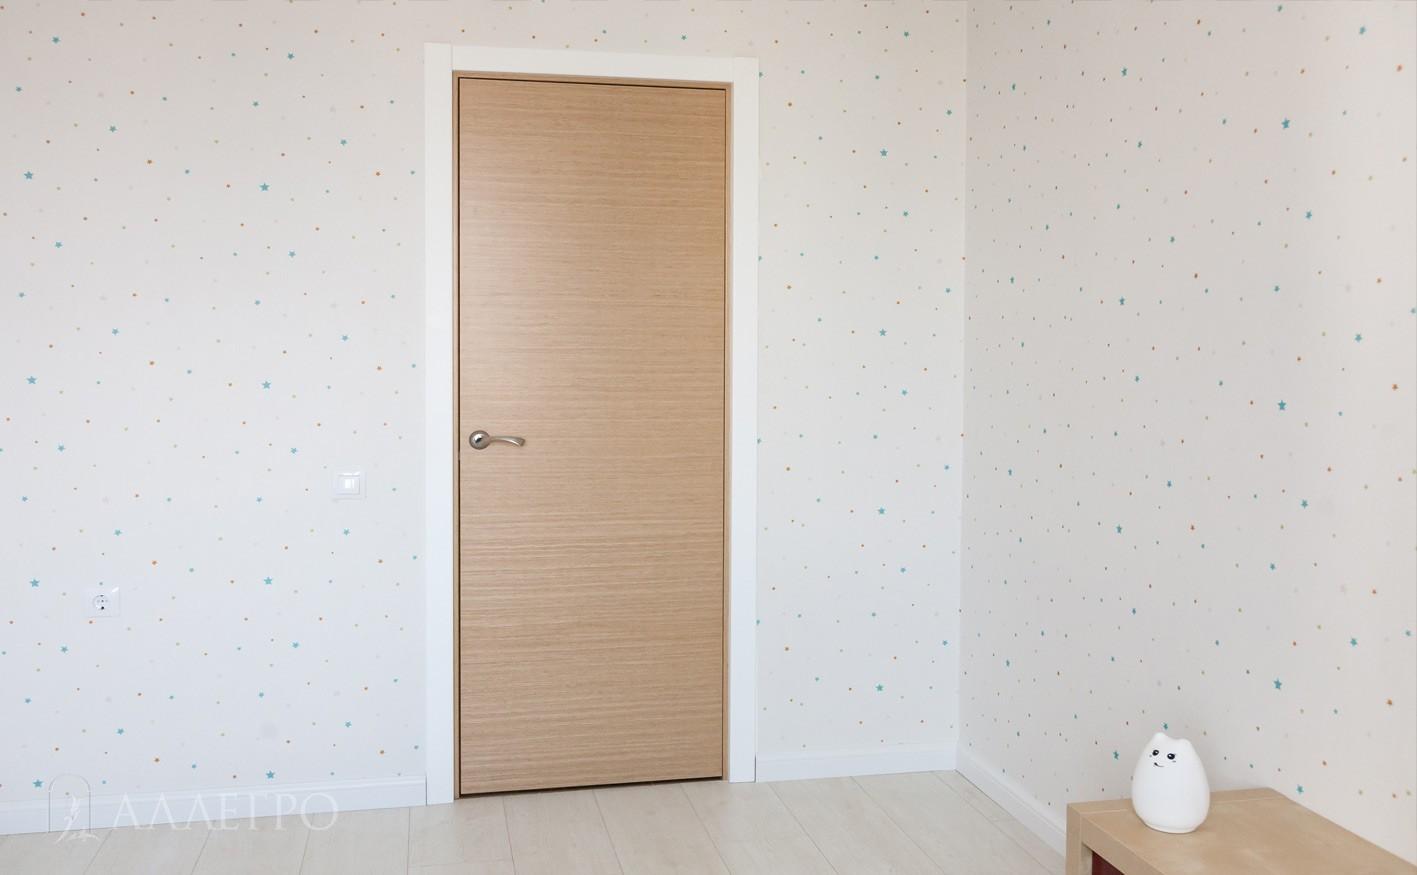 Шпонированная дверь с наличниками. Общий вид 1